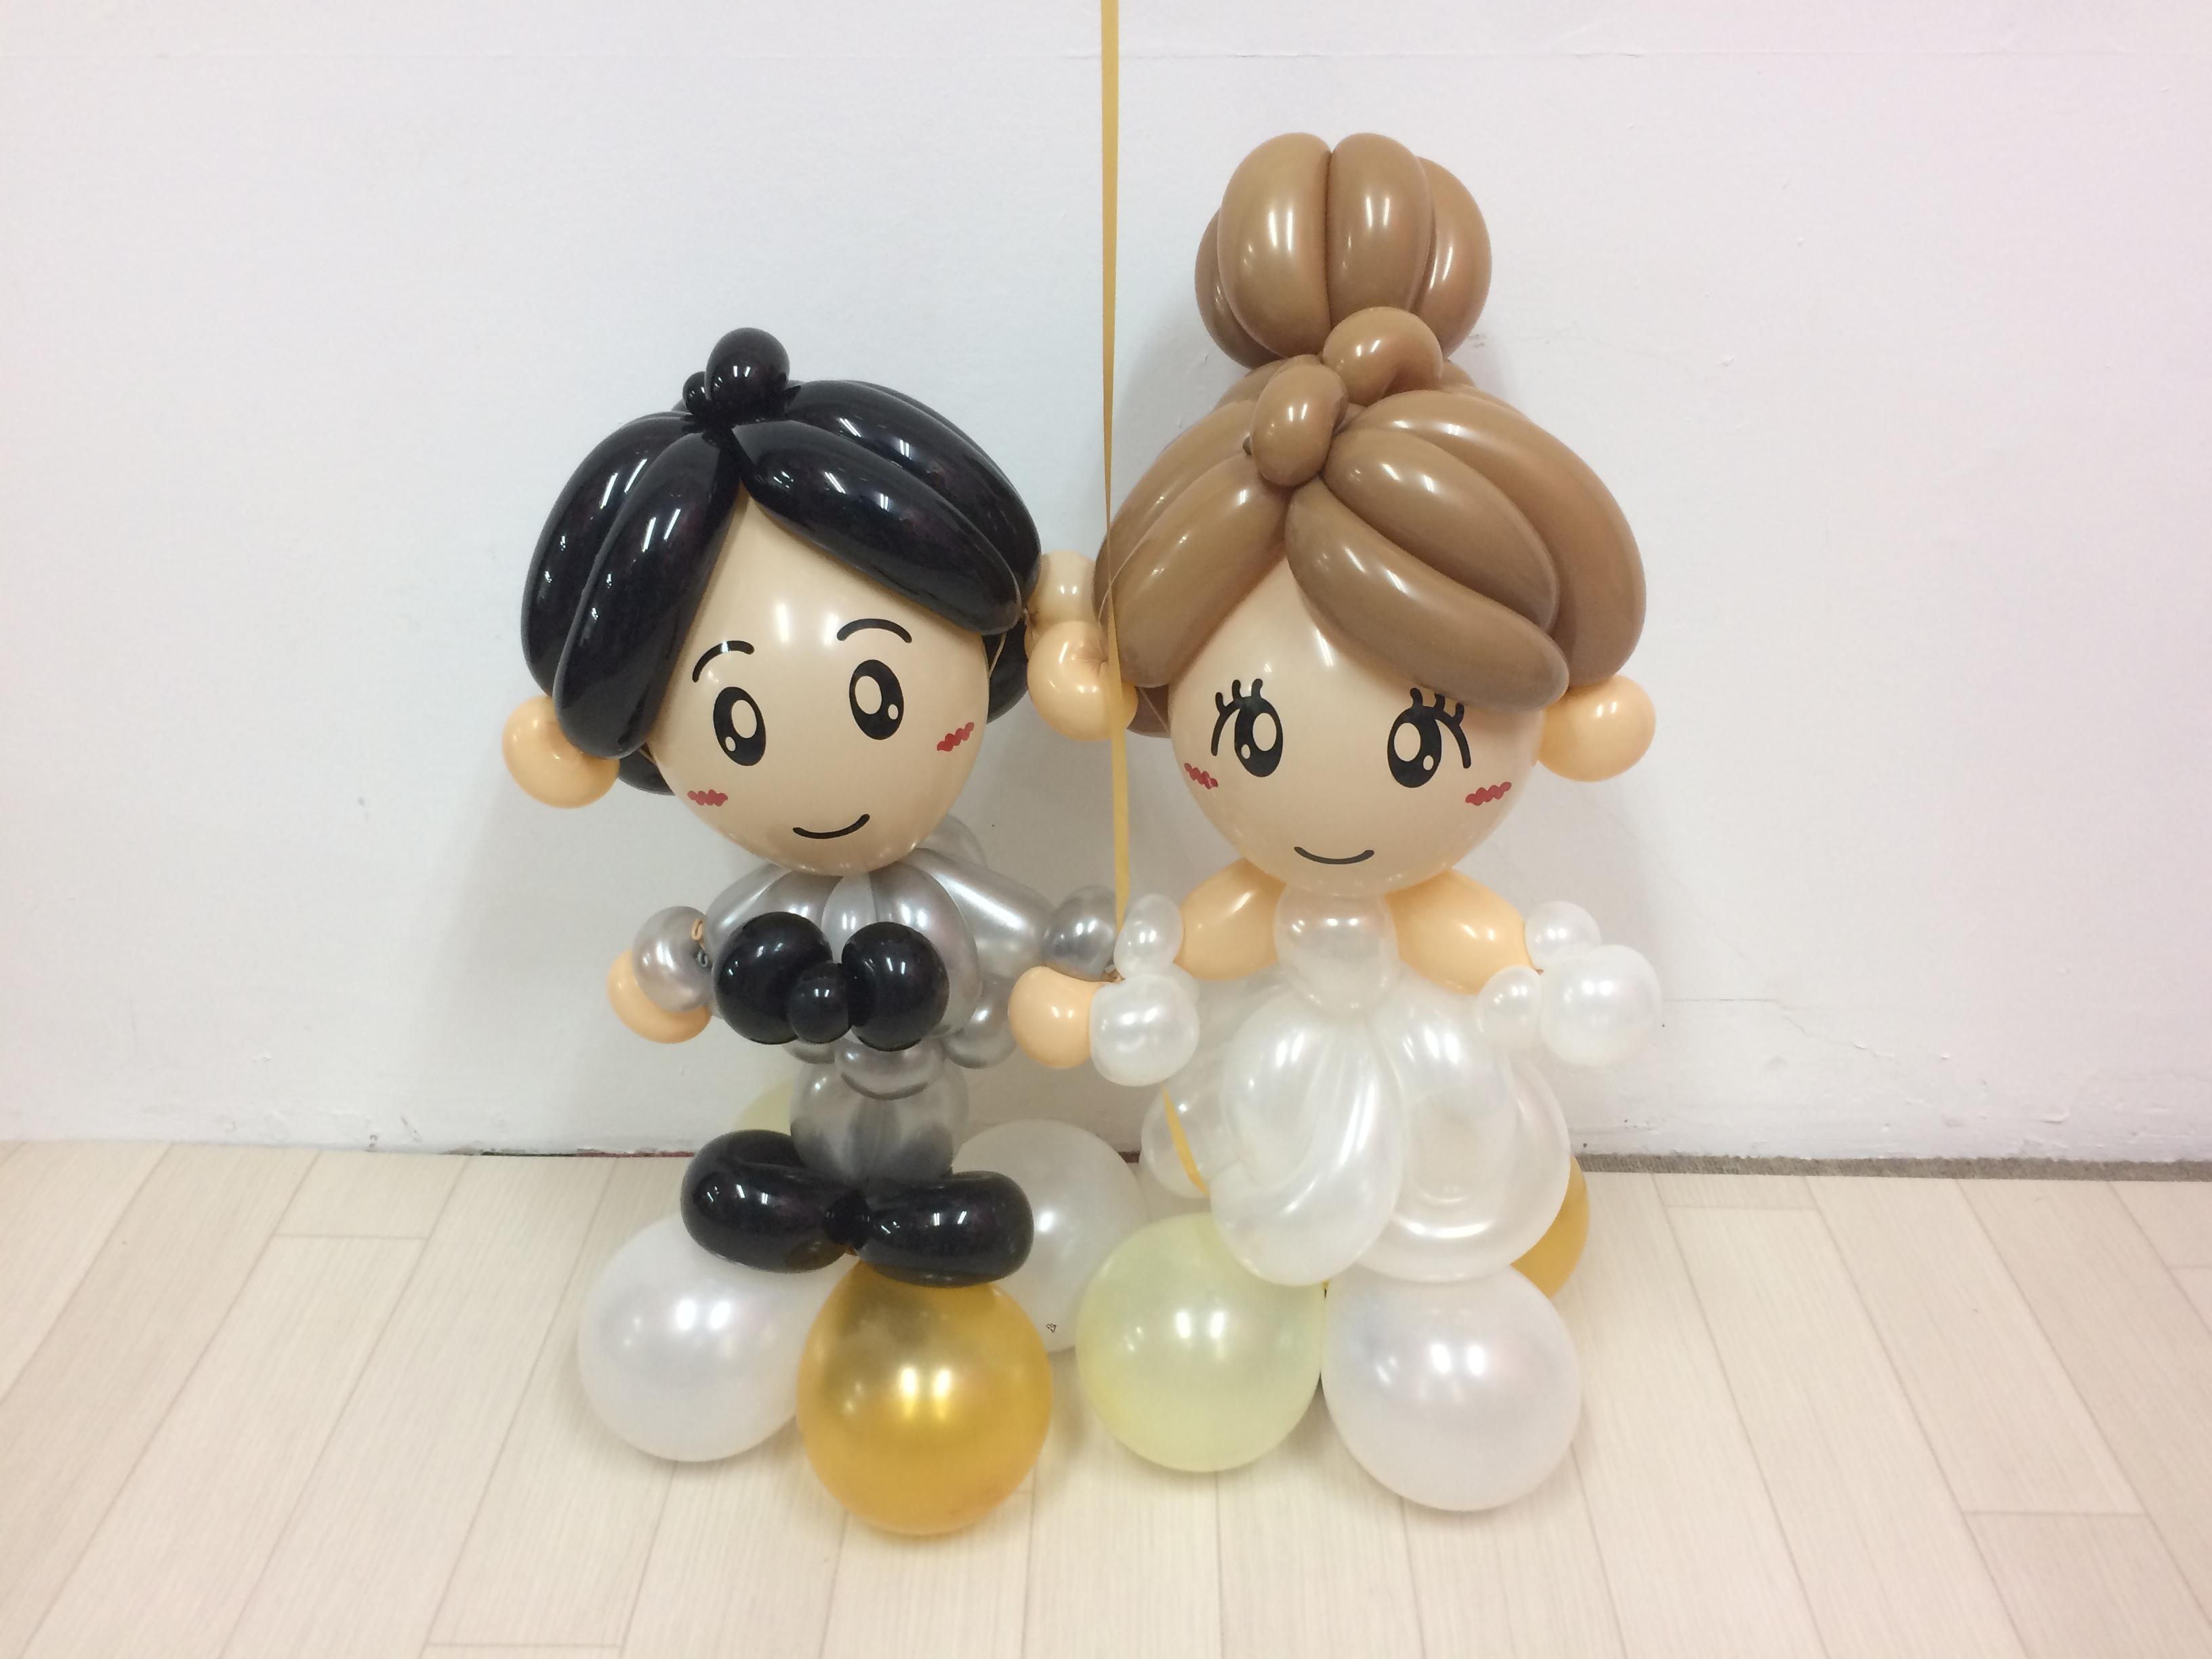 【ウェディングギフトや受付装飾に】Balloon Art ウェディングドール オーダーメイド制作 《送料込》【長期保護加工済み(約1ヶ月)】